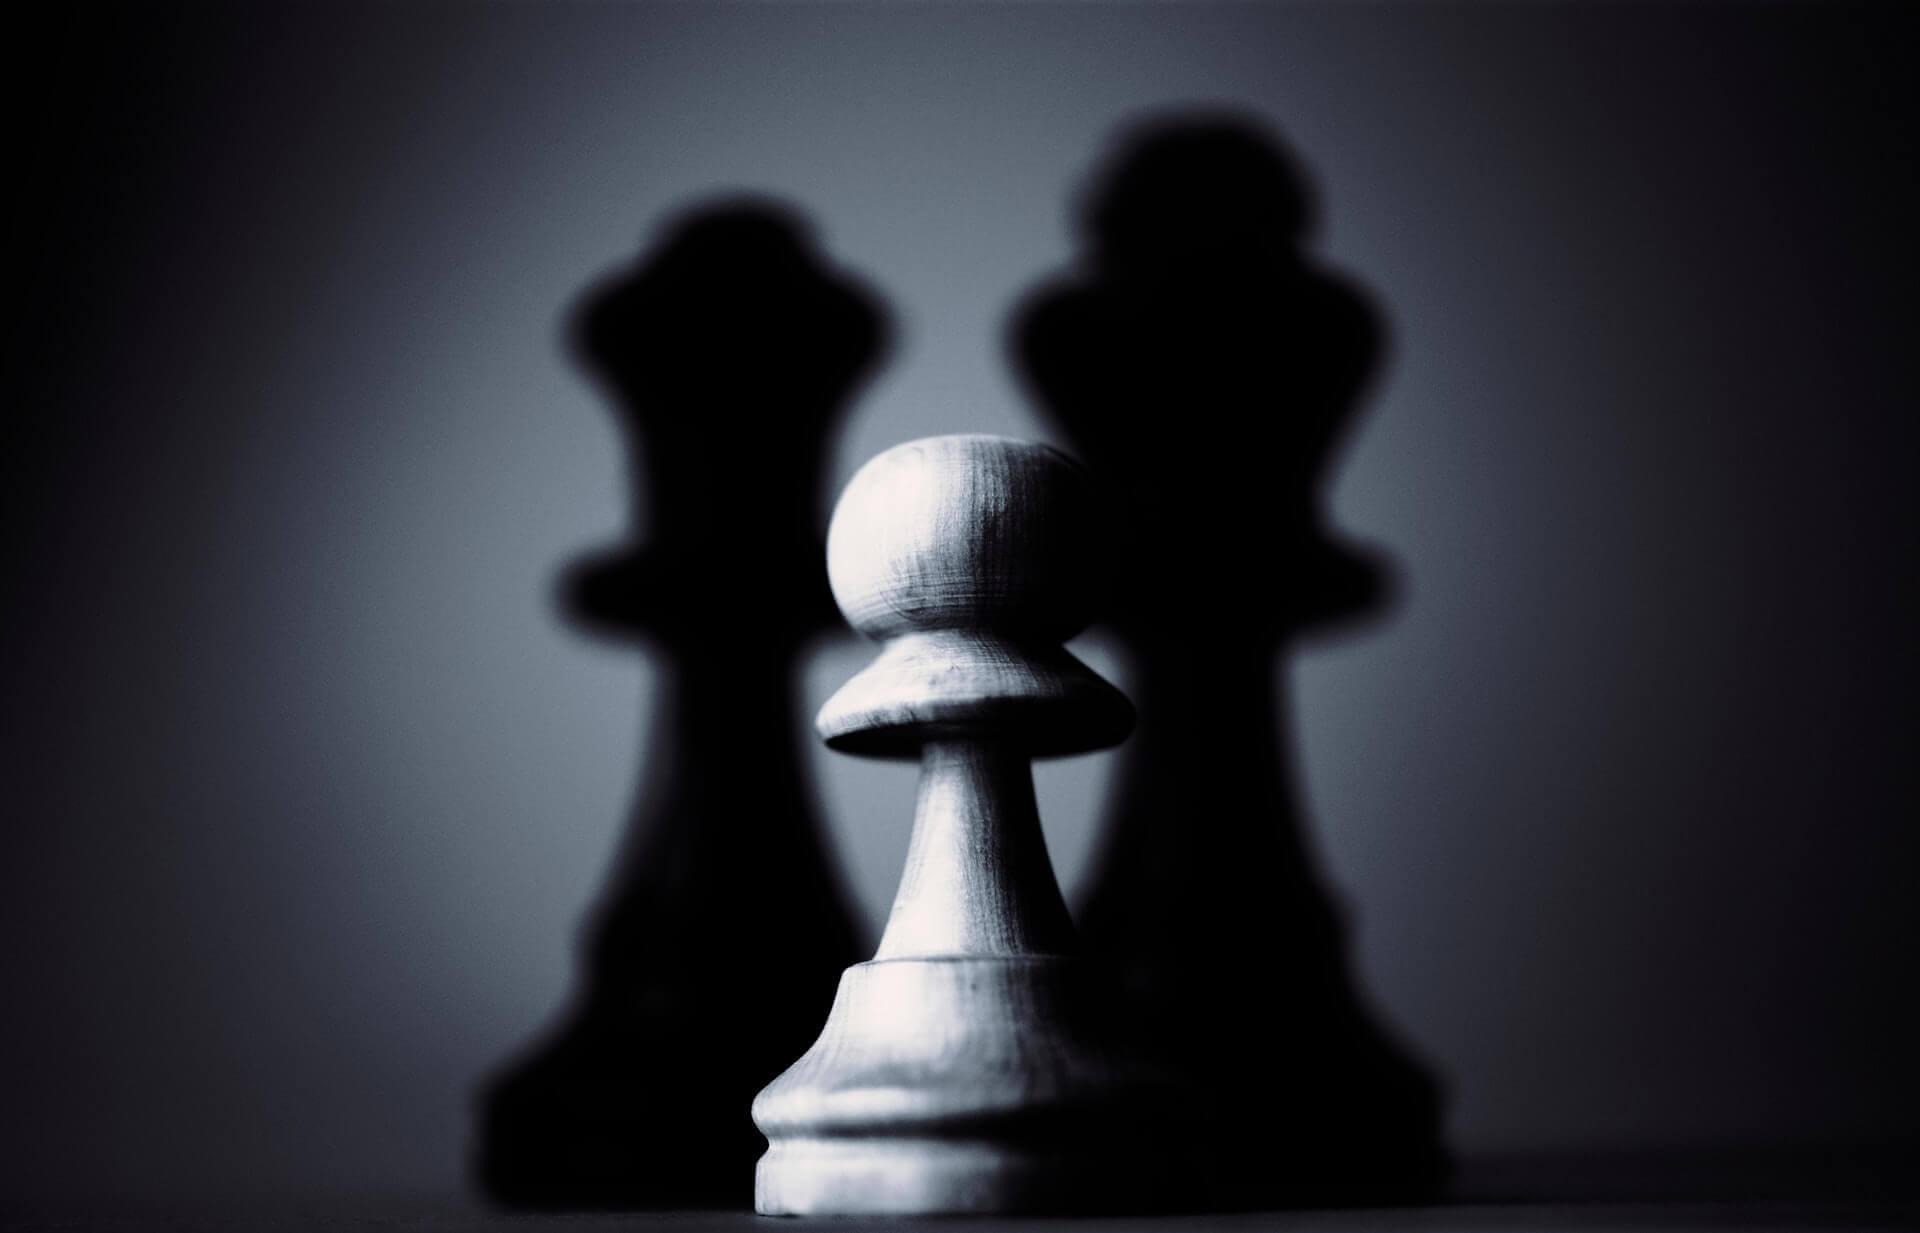 Regnskap: Nødvendig onde eller strategisk verktøy?